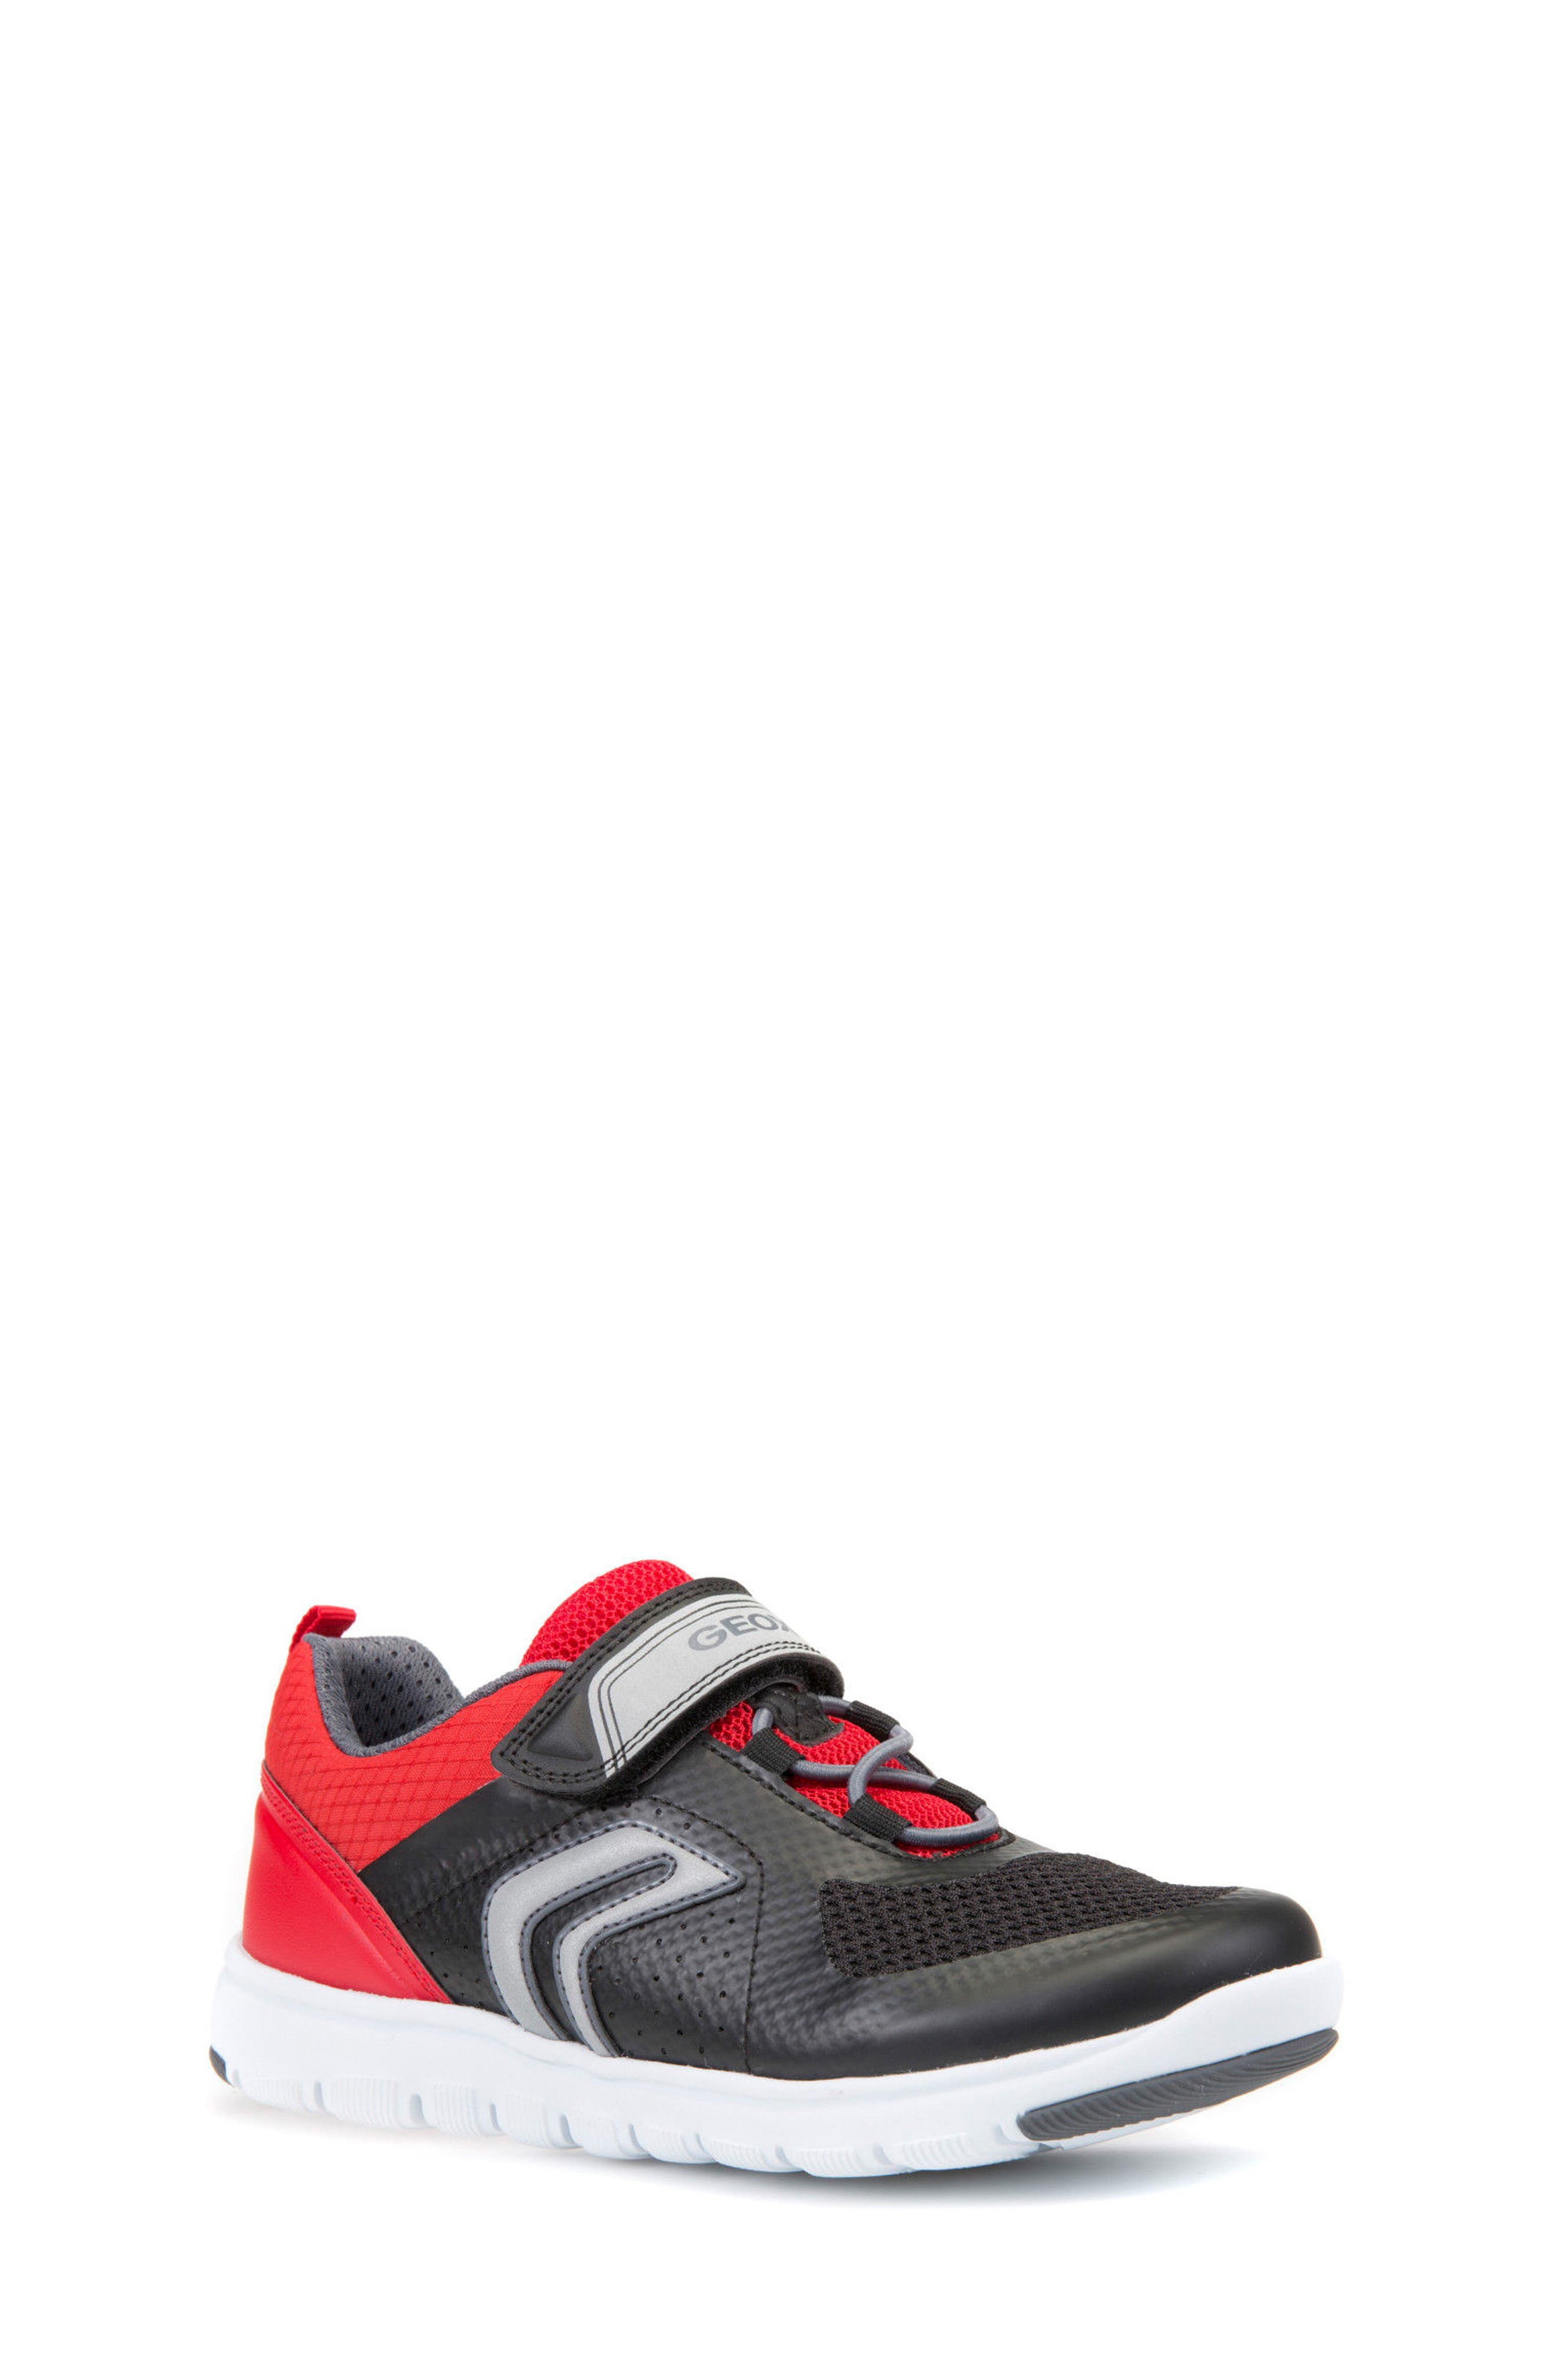 Geox Xunday Low Top Sneaker (Toddler, Little Kid & Big Kid)